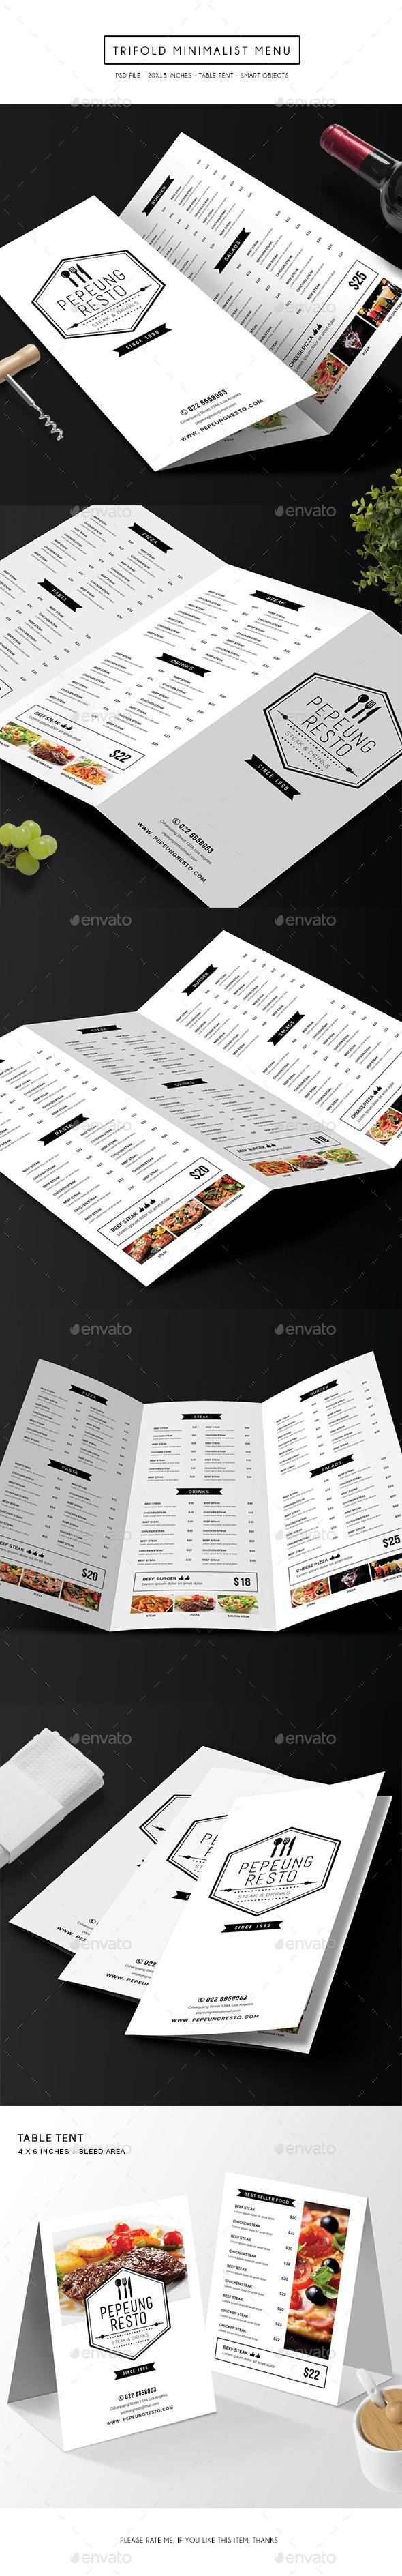 Trifold Minimalist Menu - Food Menus Print Templates